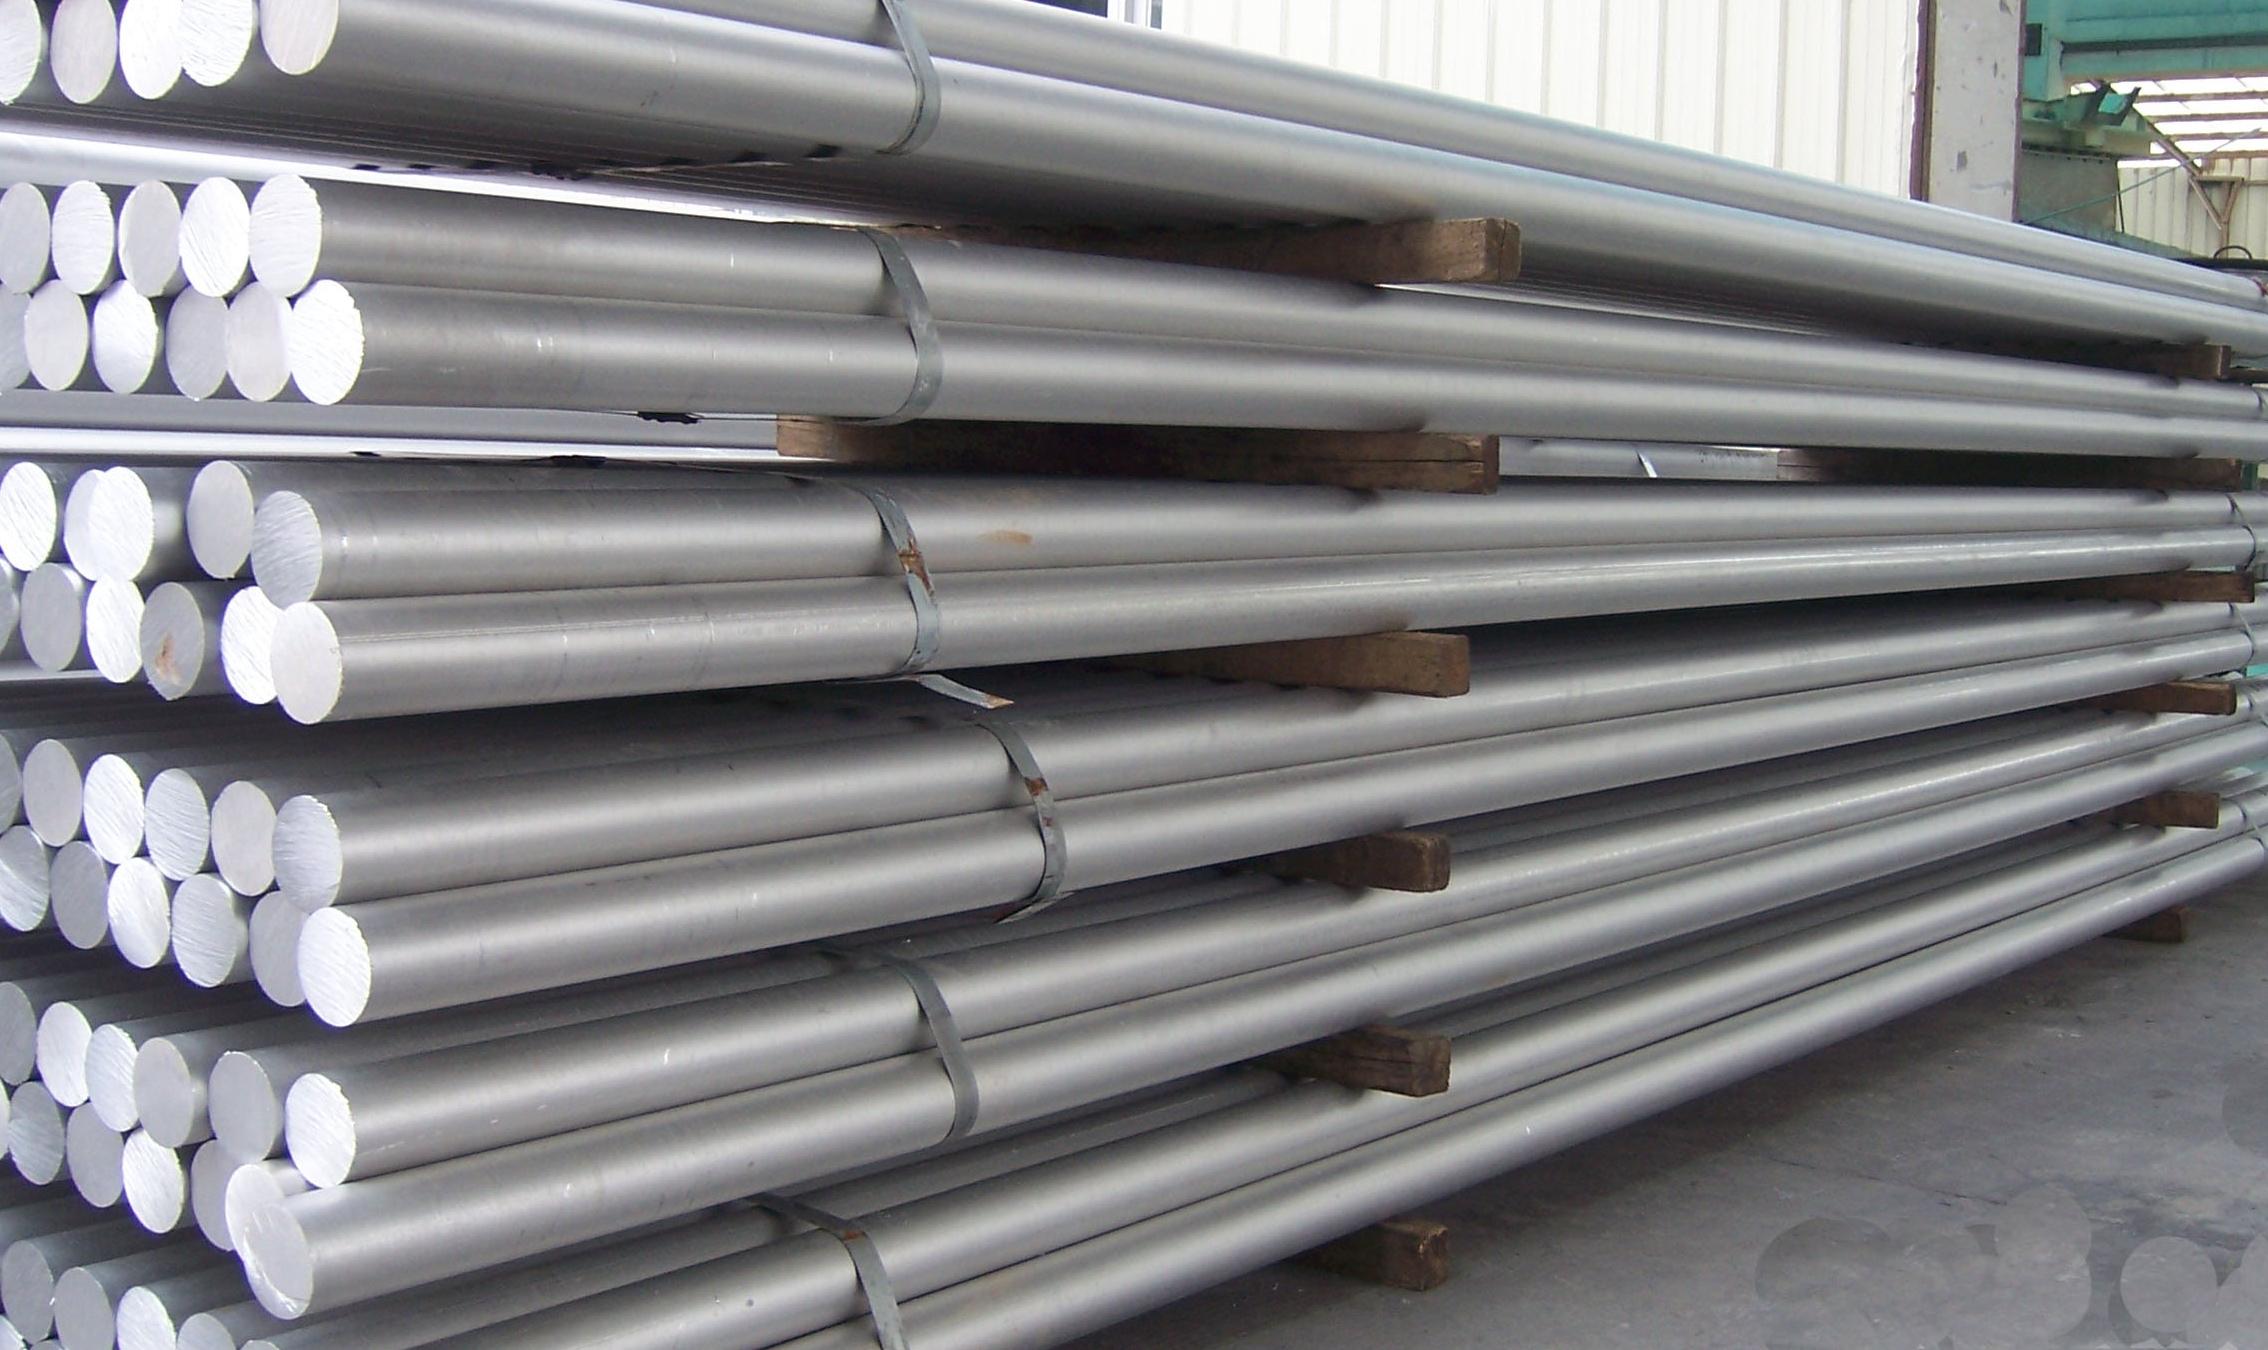 美墨加铝业协会敦促美国给予加拿大和墨西哥铝产品关税豁免